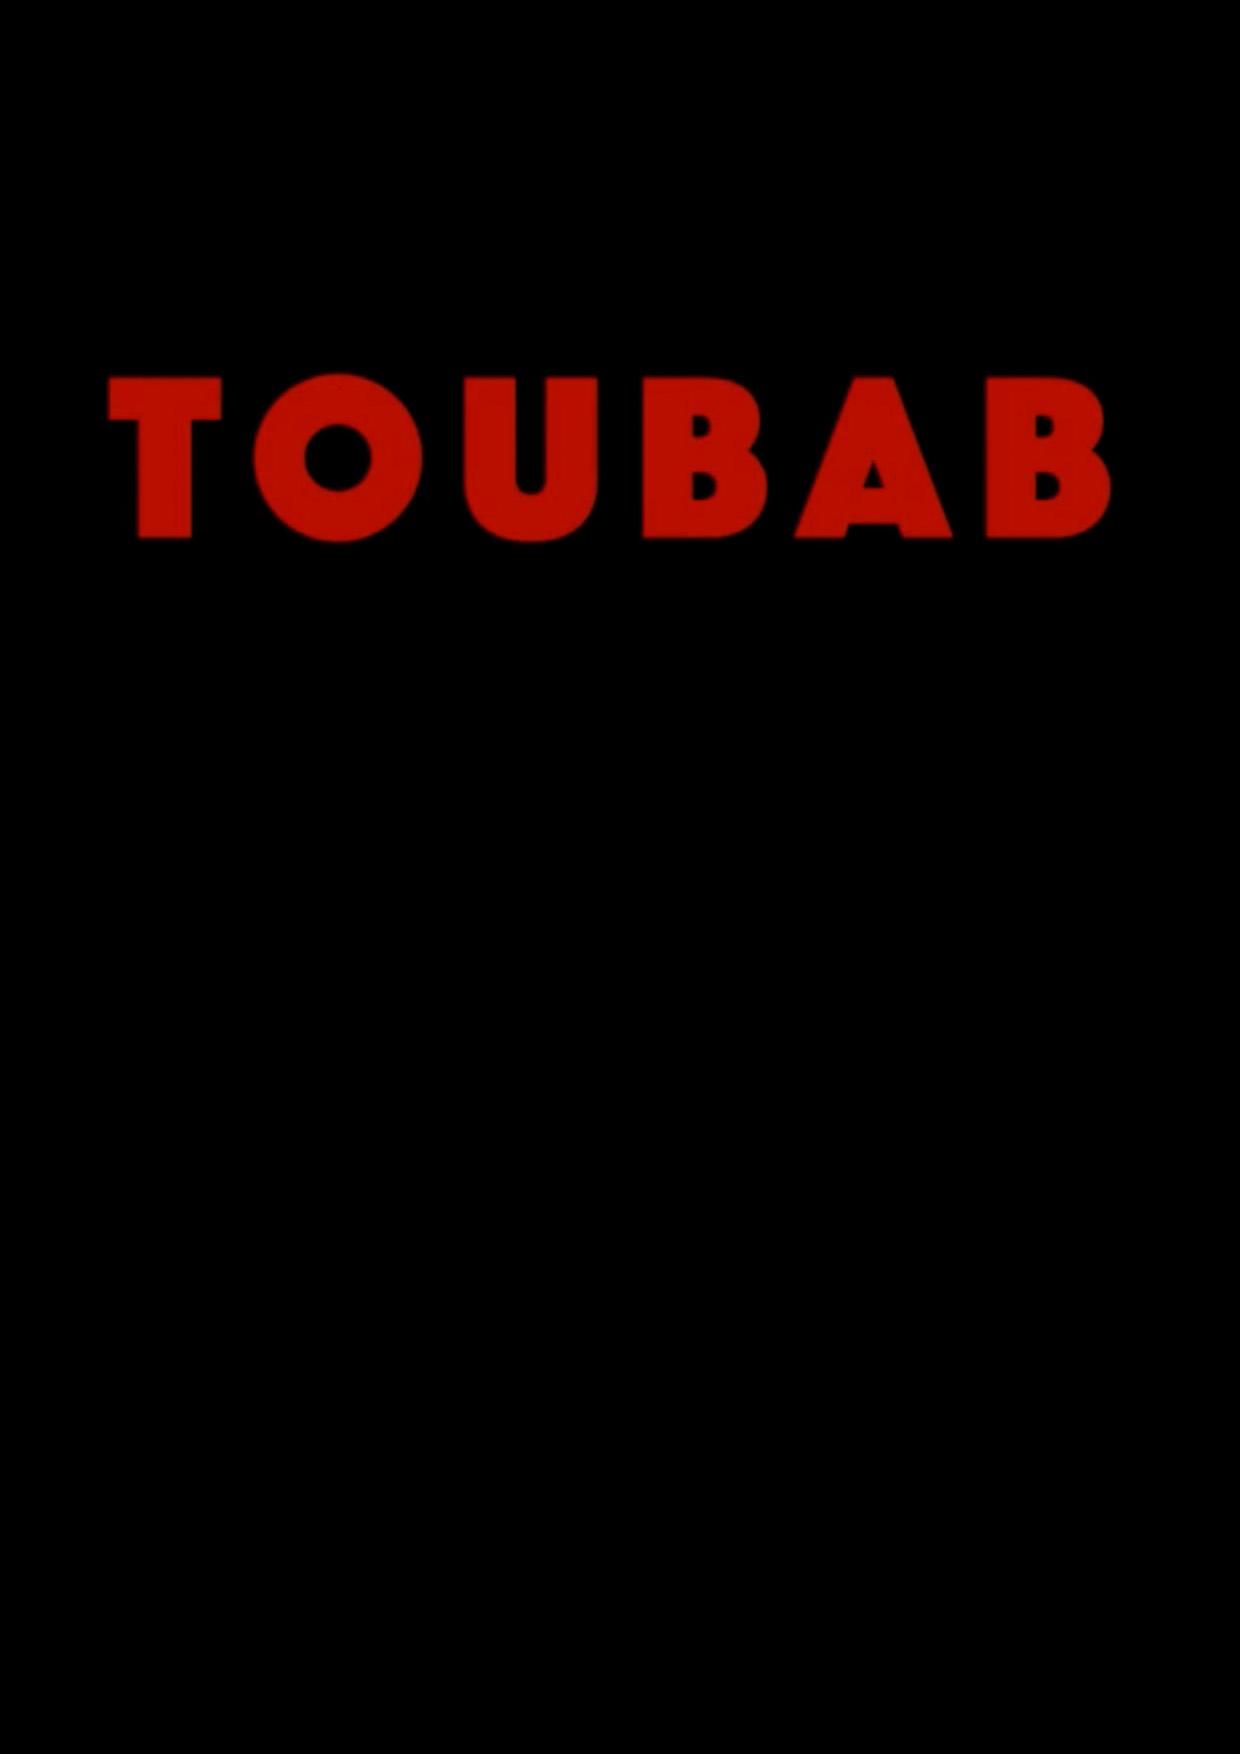 Toubab